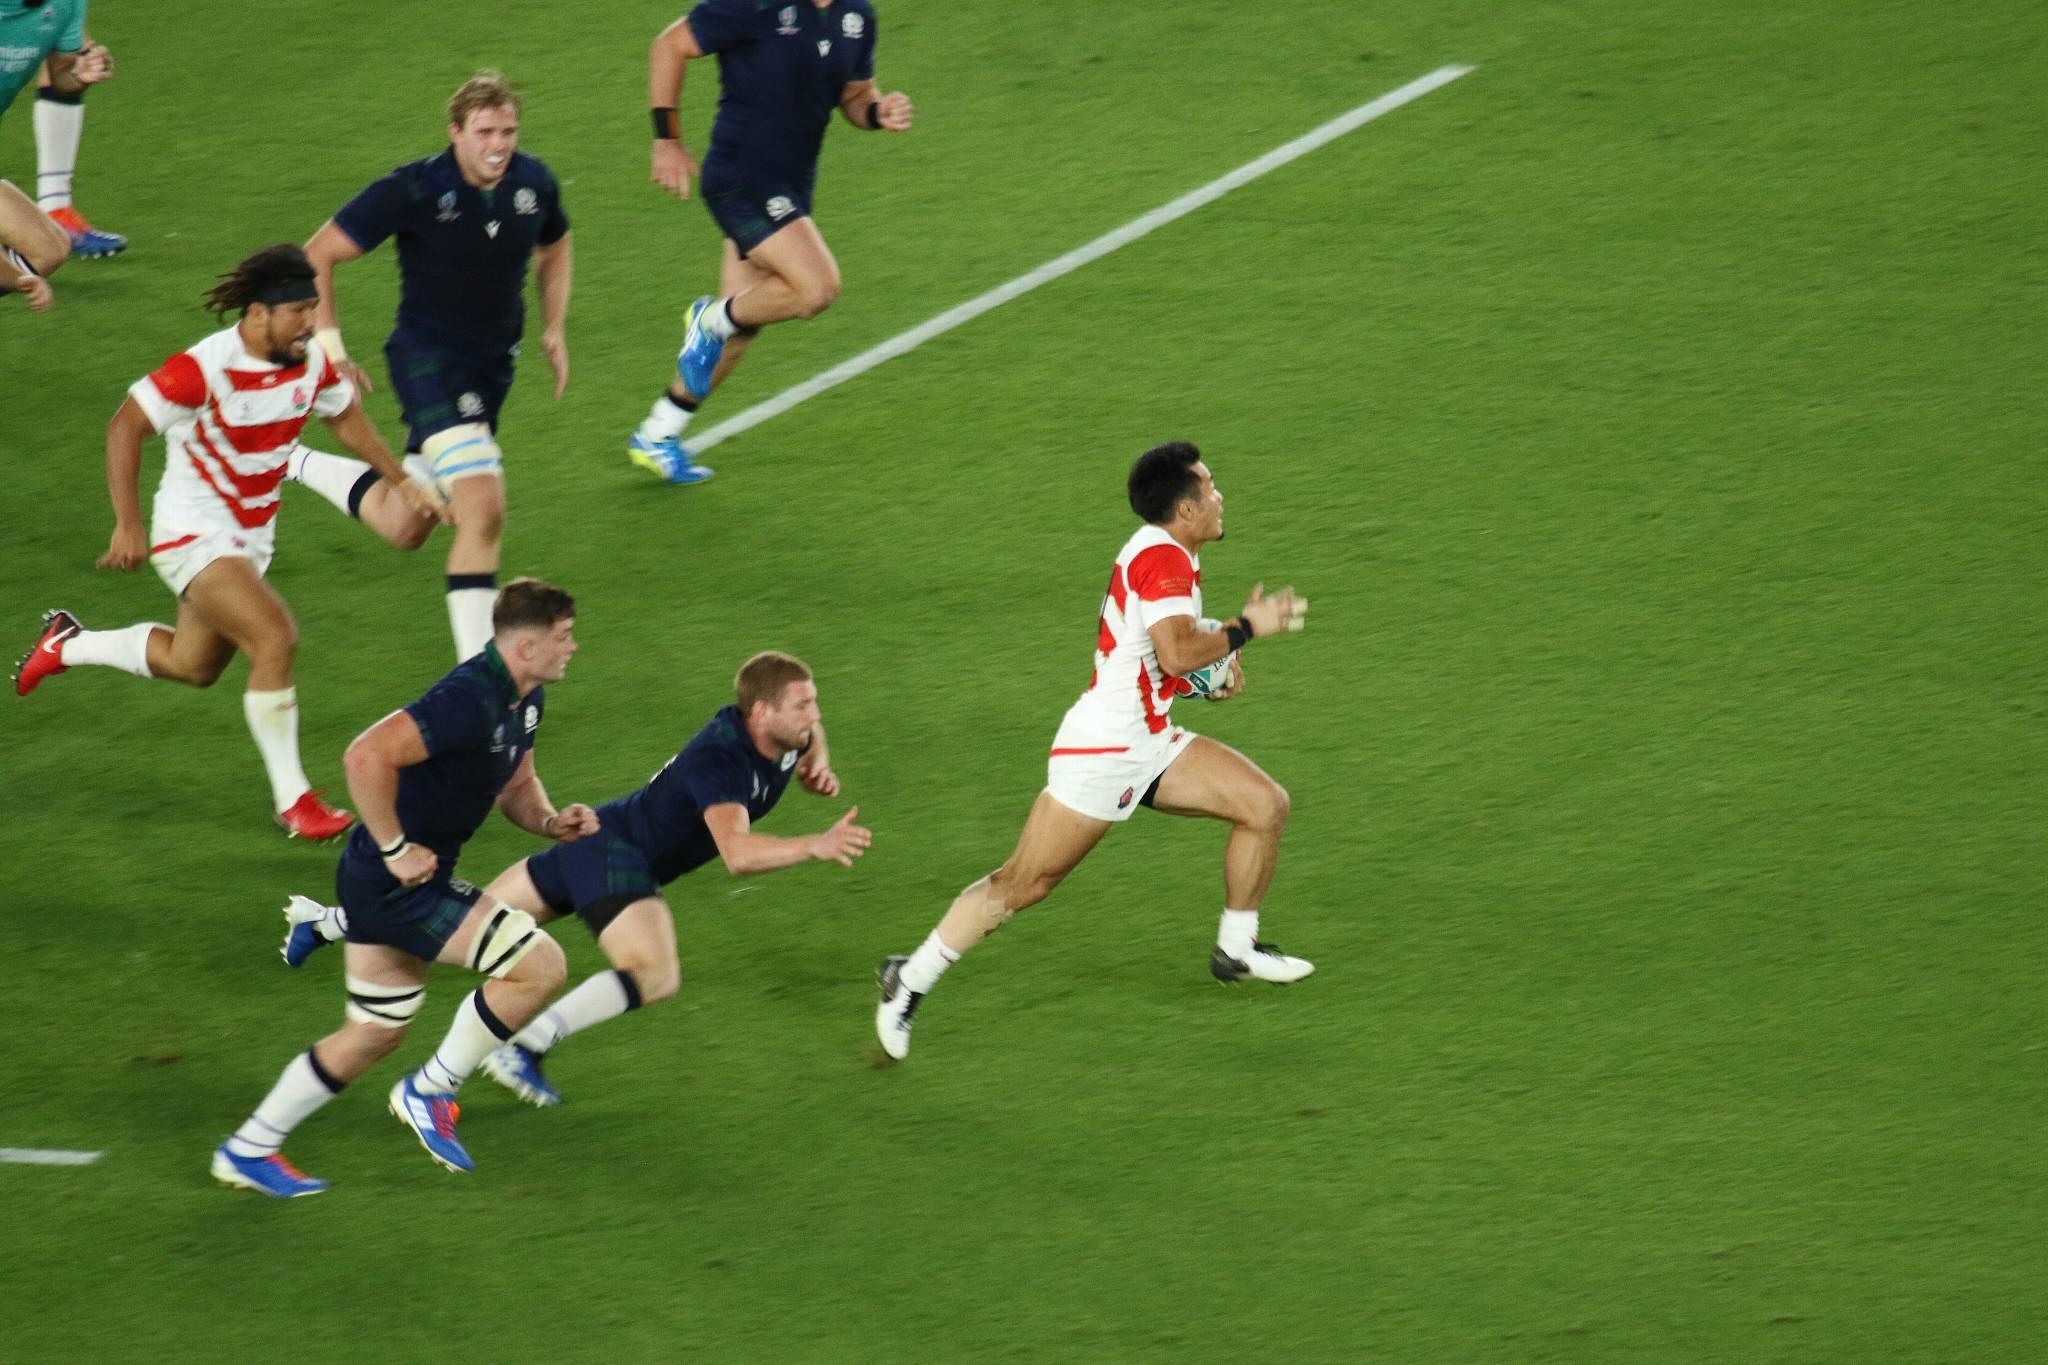 祝!RWC2019日本代表が4戦全勝で決勝トーナメントへ!_f0105570_10323008.jpg